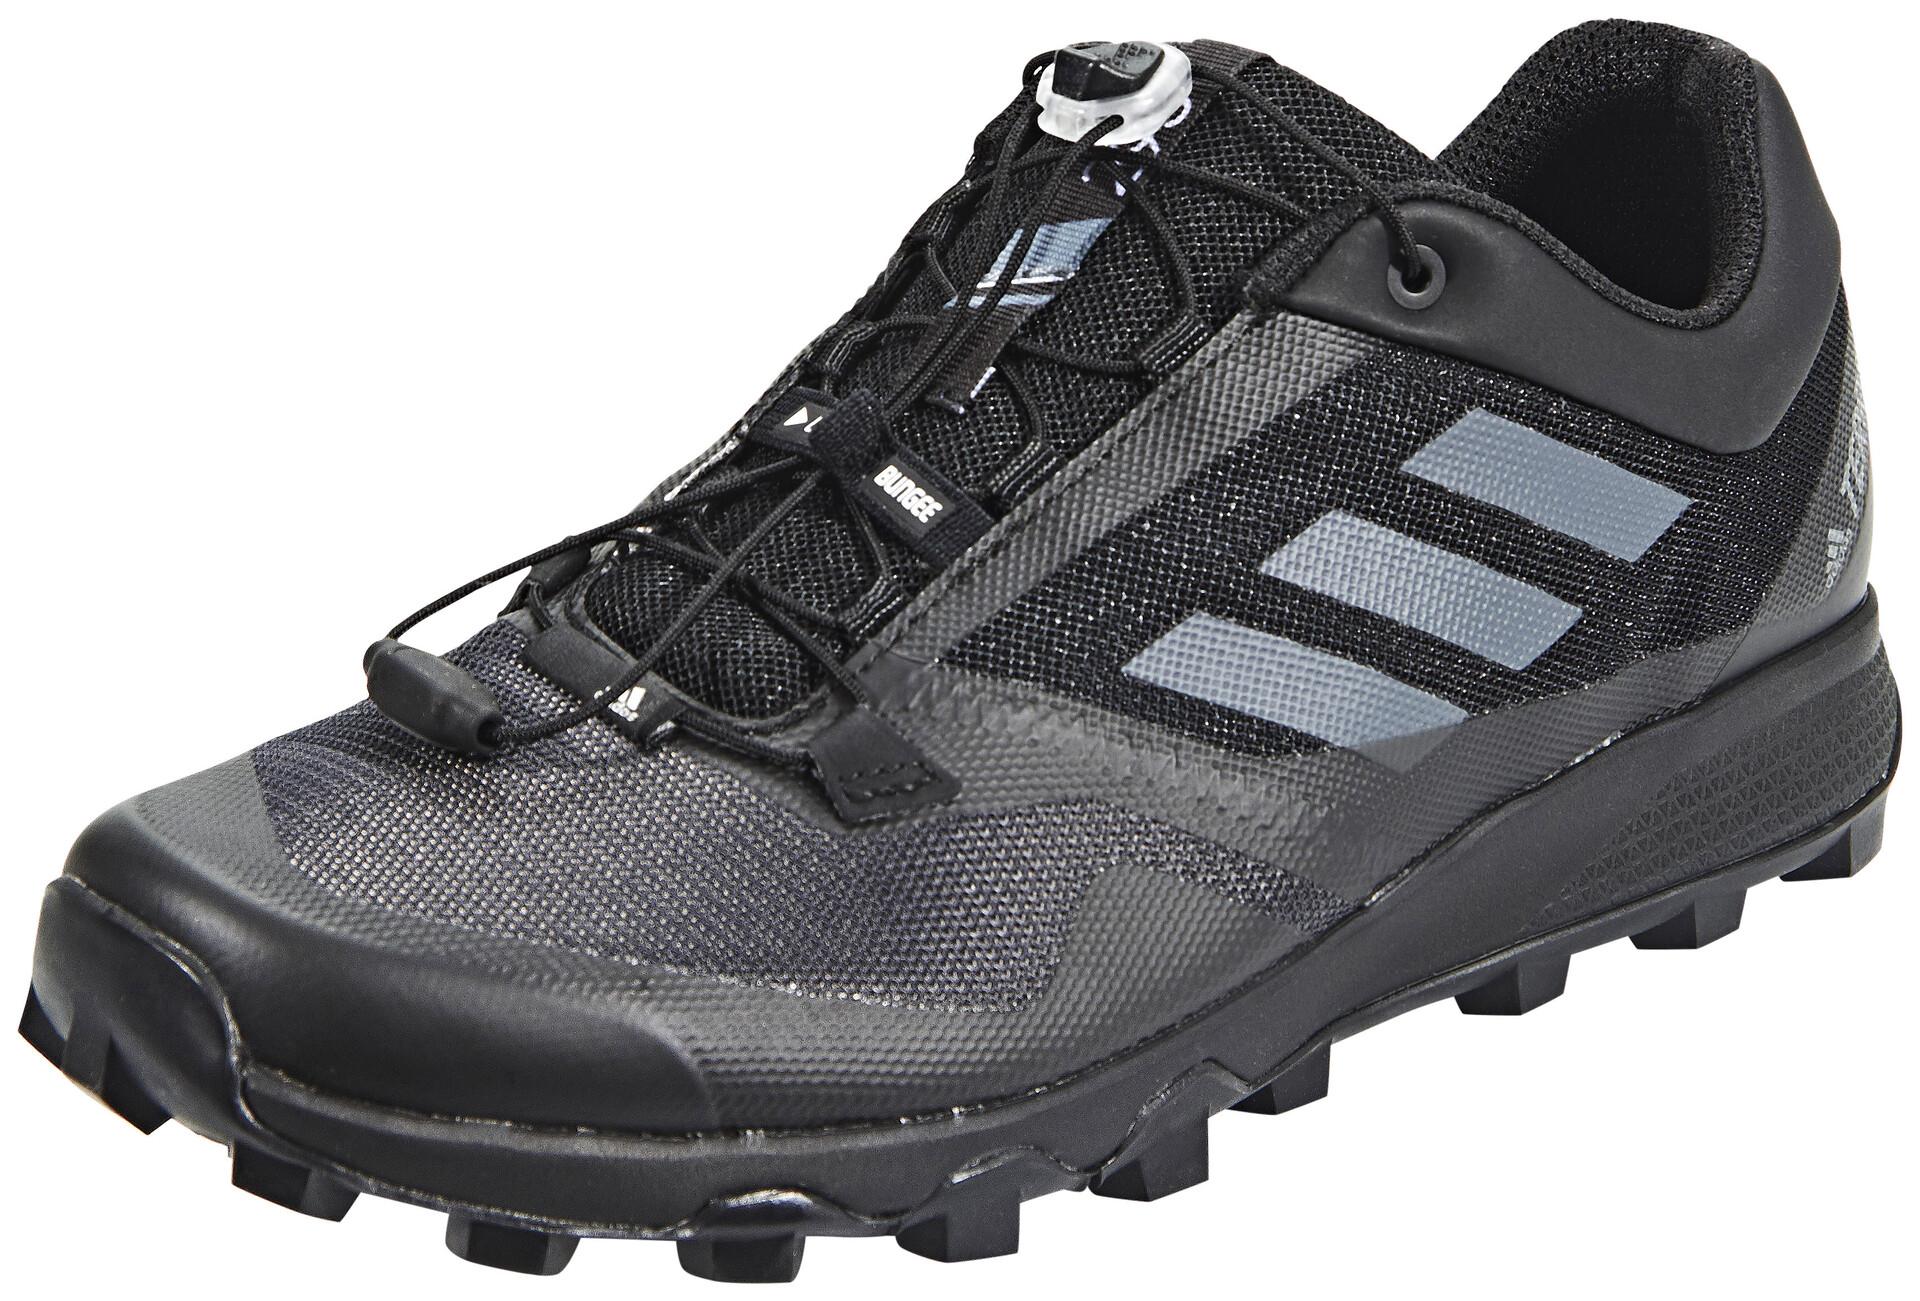 Chaussures Trailmaker Adidas Homme Terrex Noir Running Yv6gy7bfI